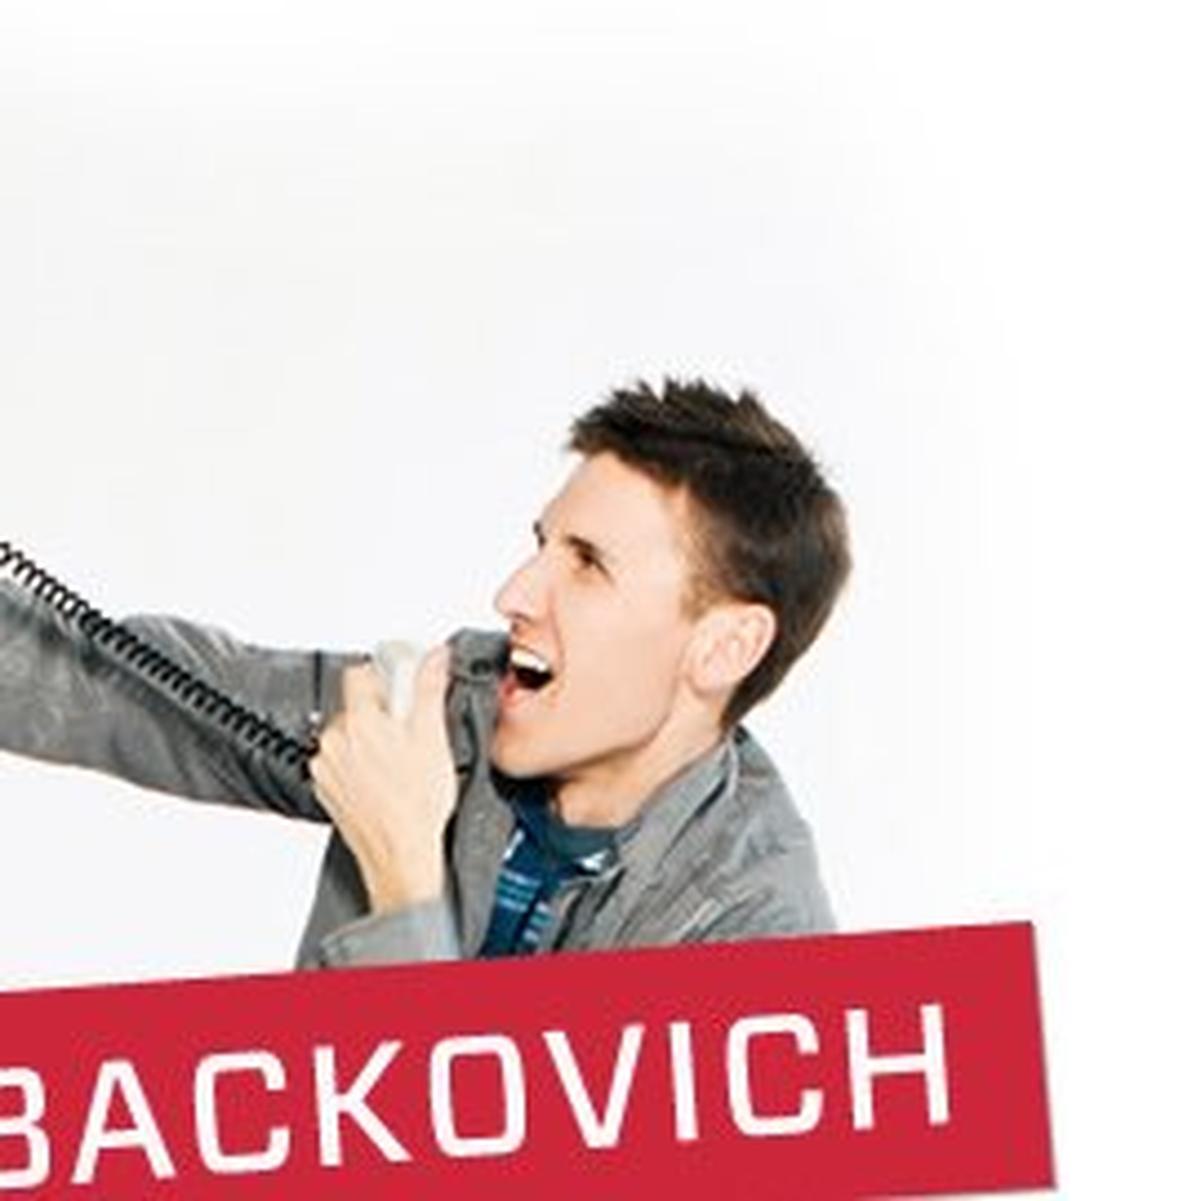 Scott Backovich